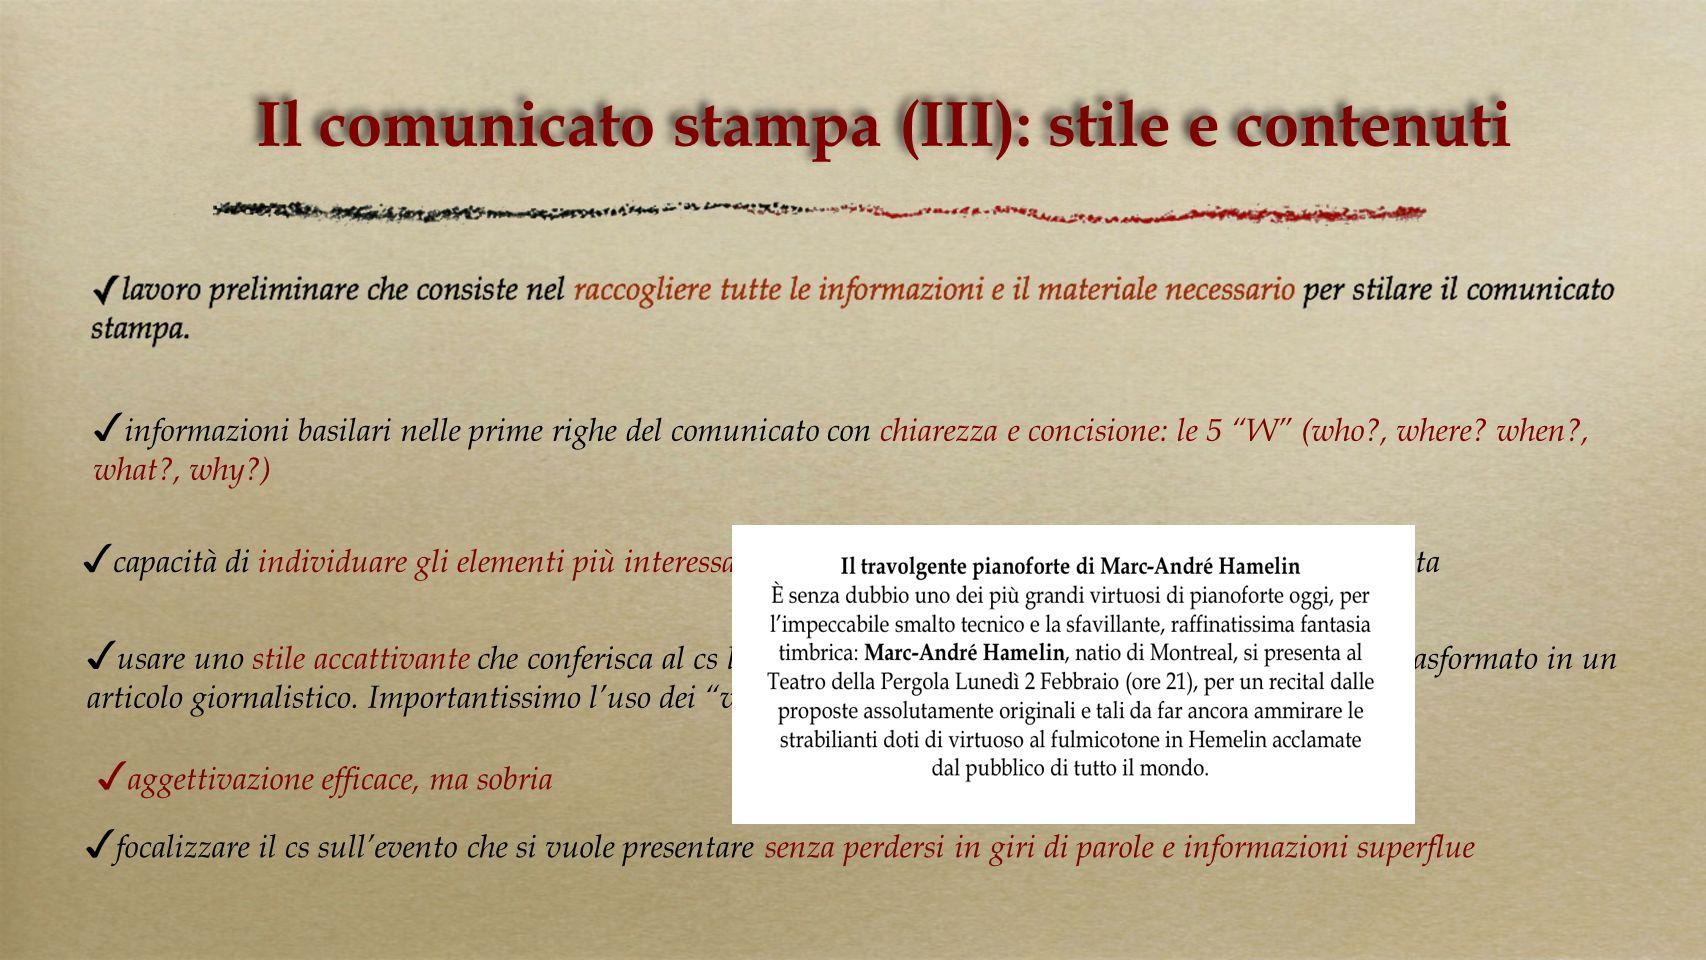 Il comunicato stampa (III): stile e contenuti